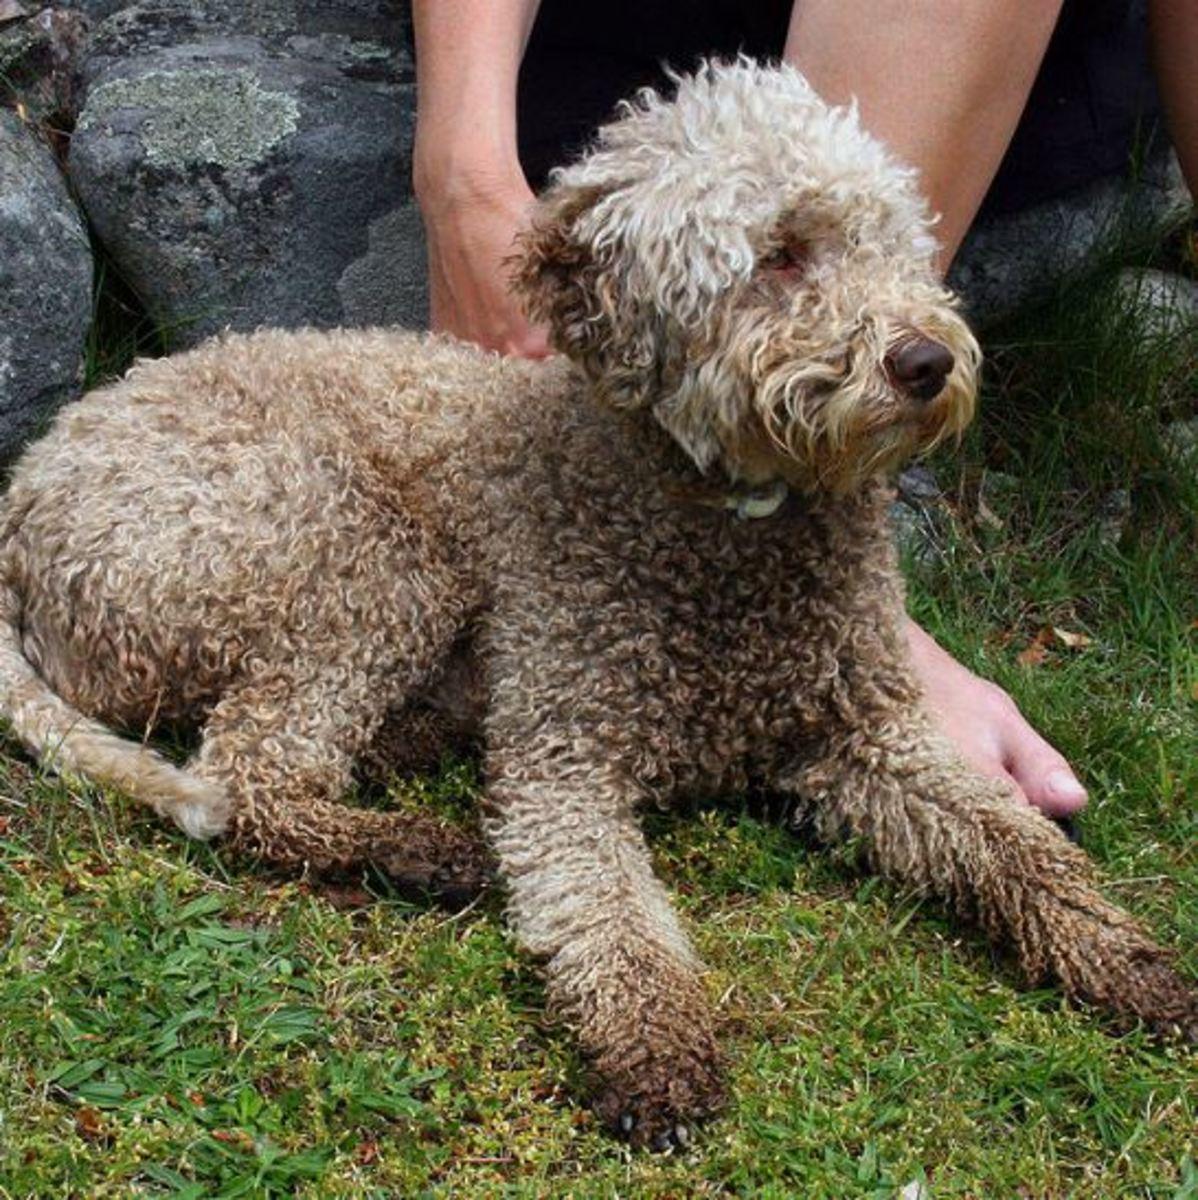 lagotto-romagnolo-dog-picture